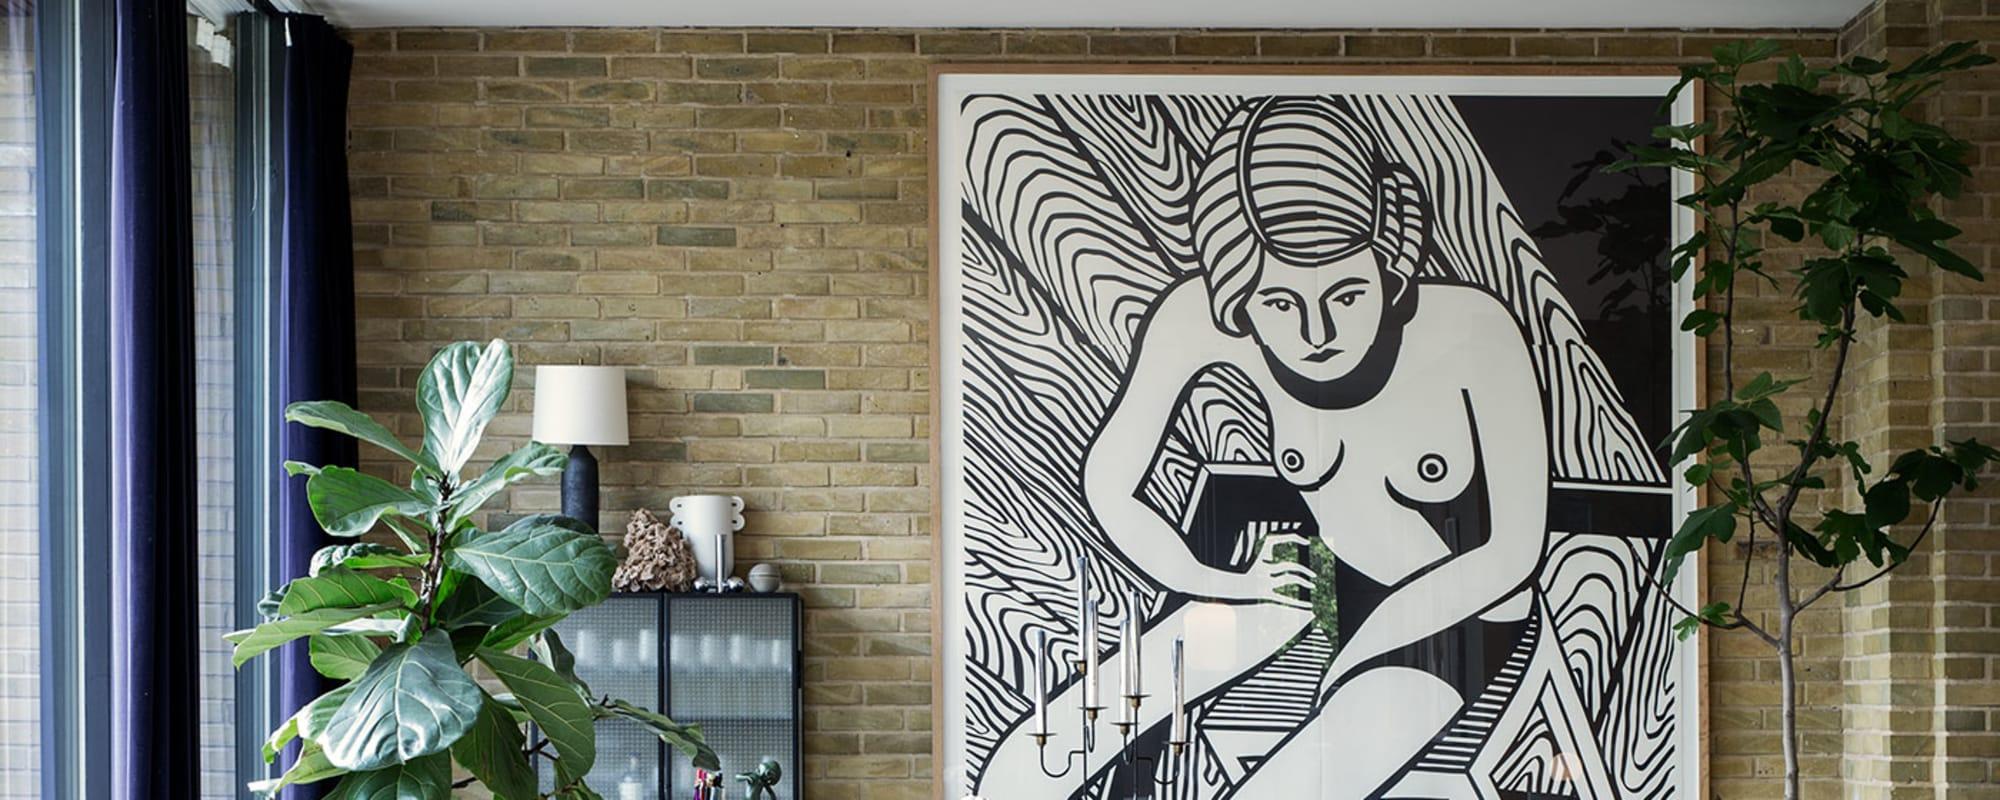 Ferm Living, Wohnzimmer, Trine Andersen, Kopenhagen